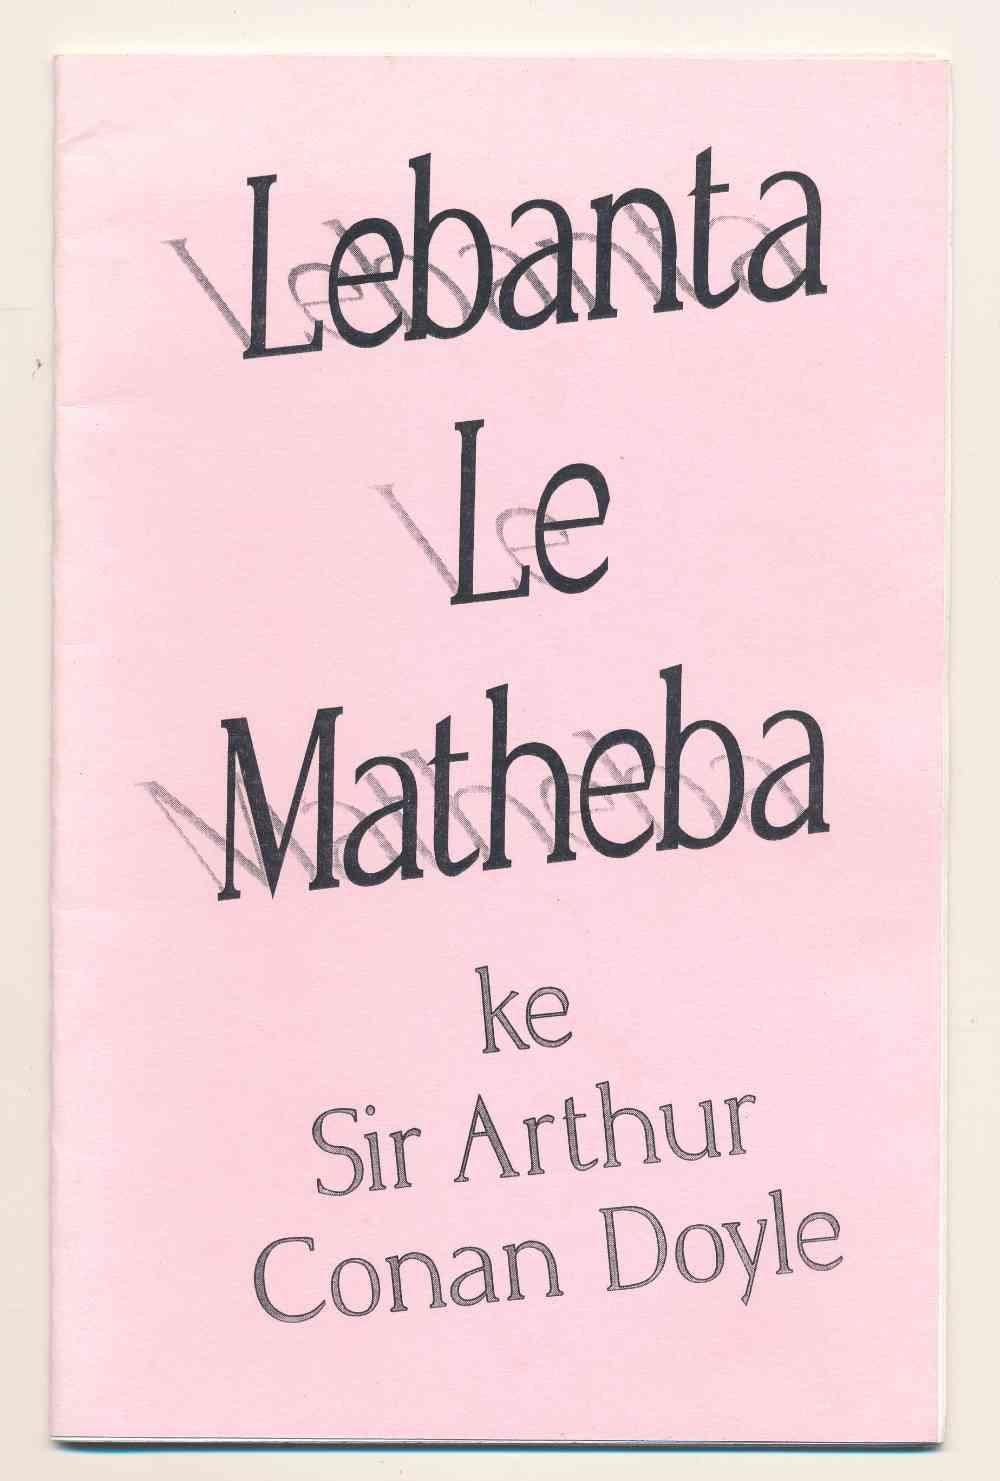 Lebanta le matheba